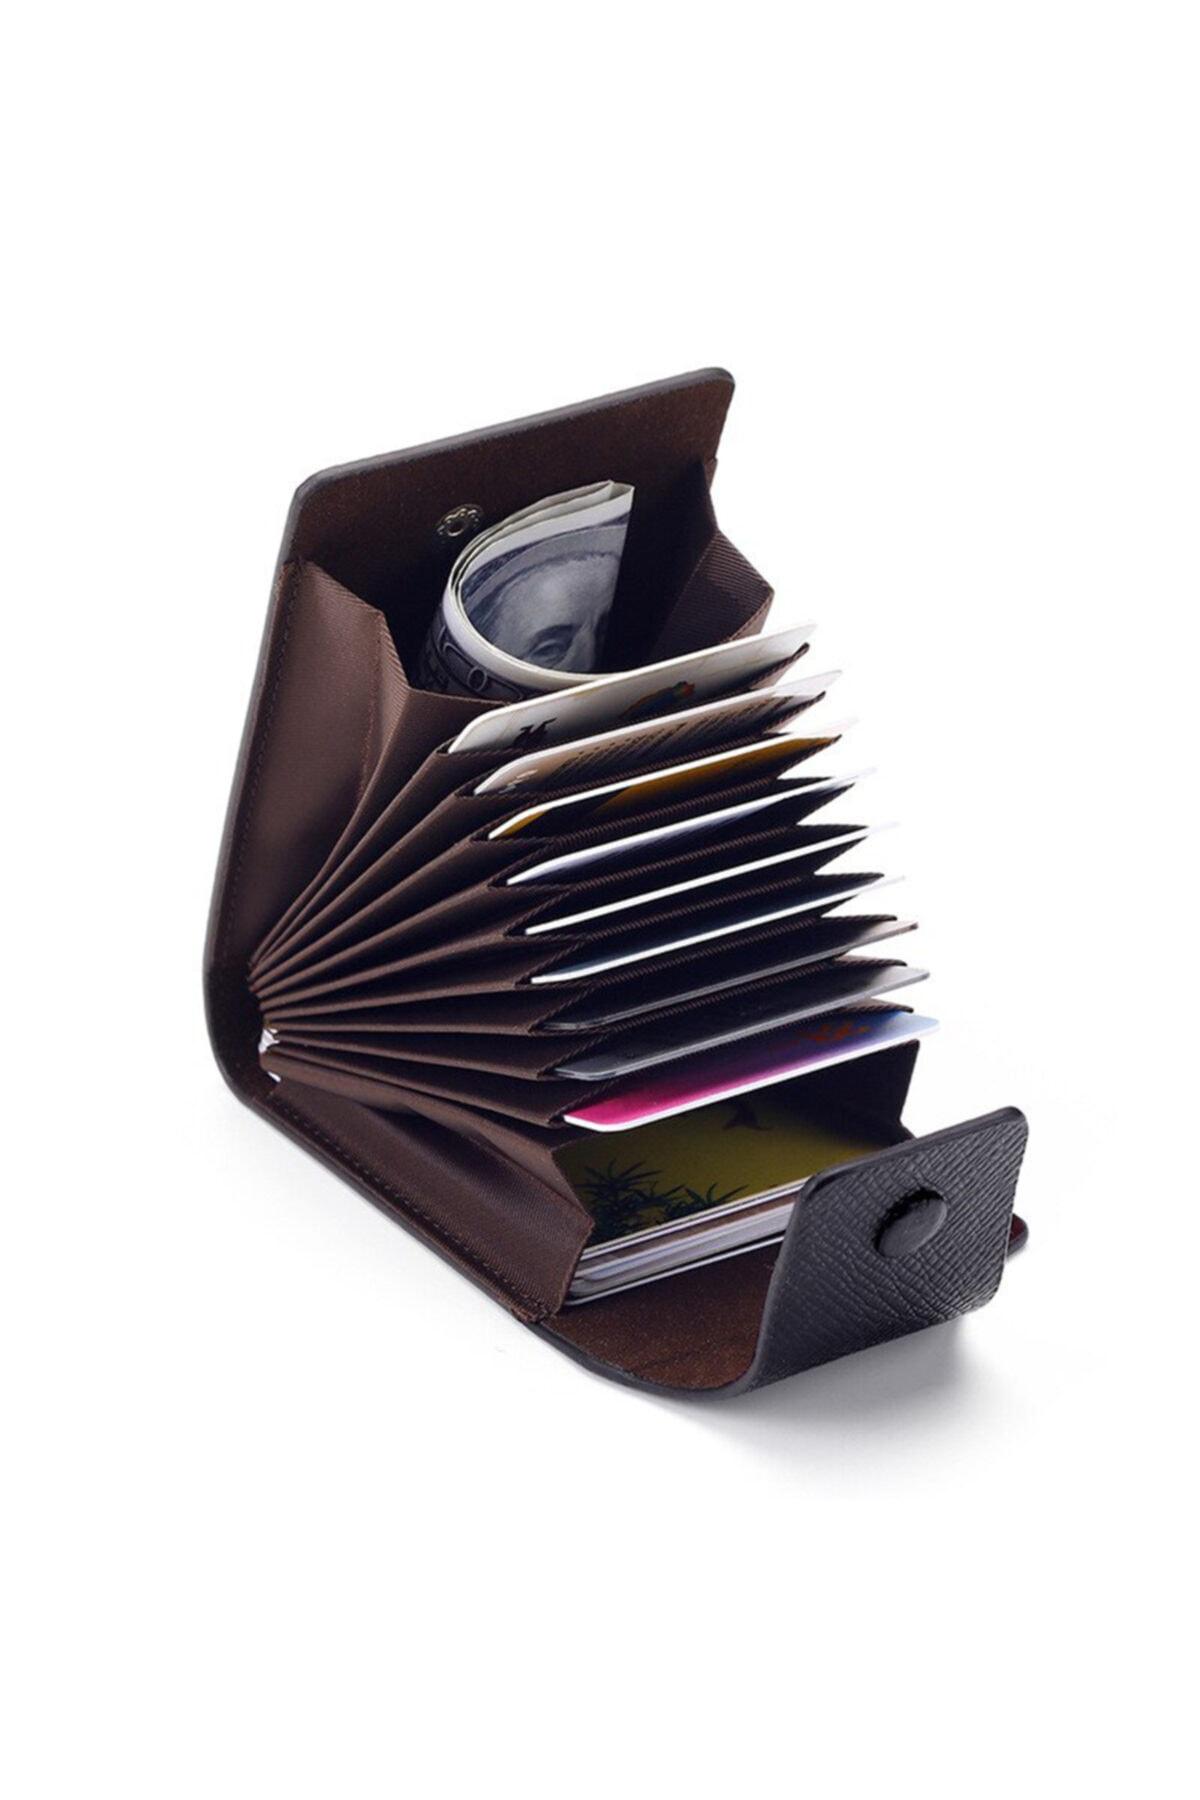 Kemer Dünyası Mbl Unisex 11 Bölmeli Siyah Kredi Kartlık - Cüzdan 1